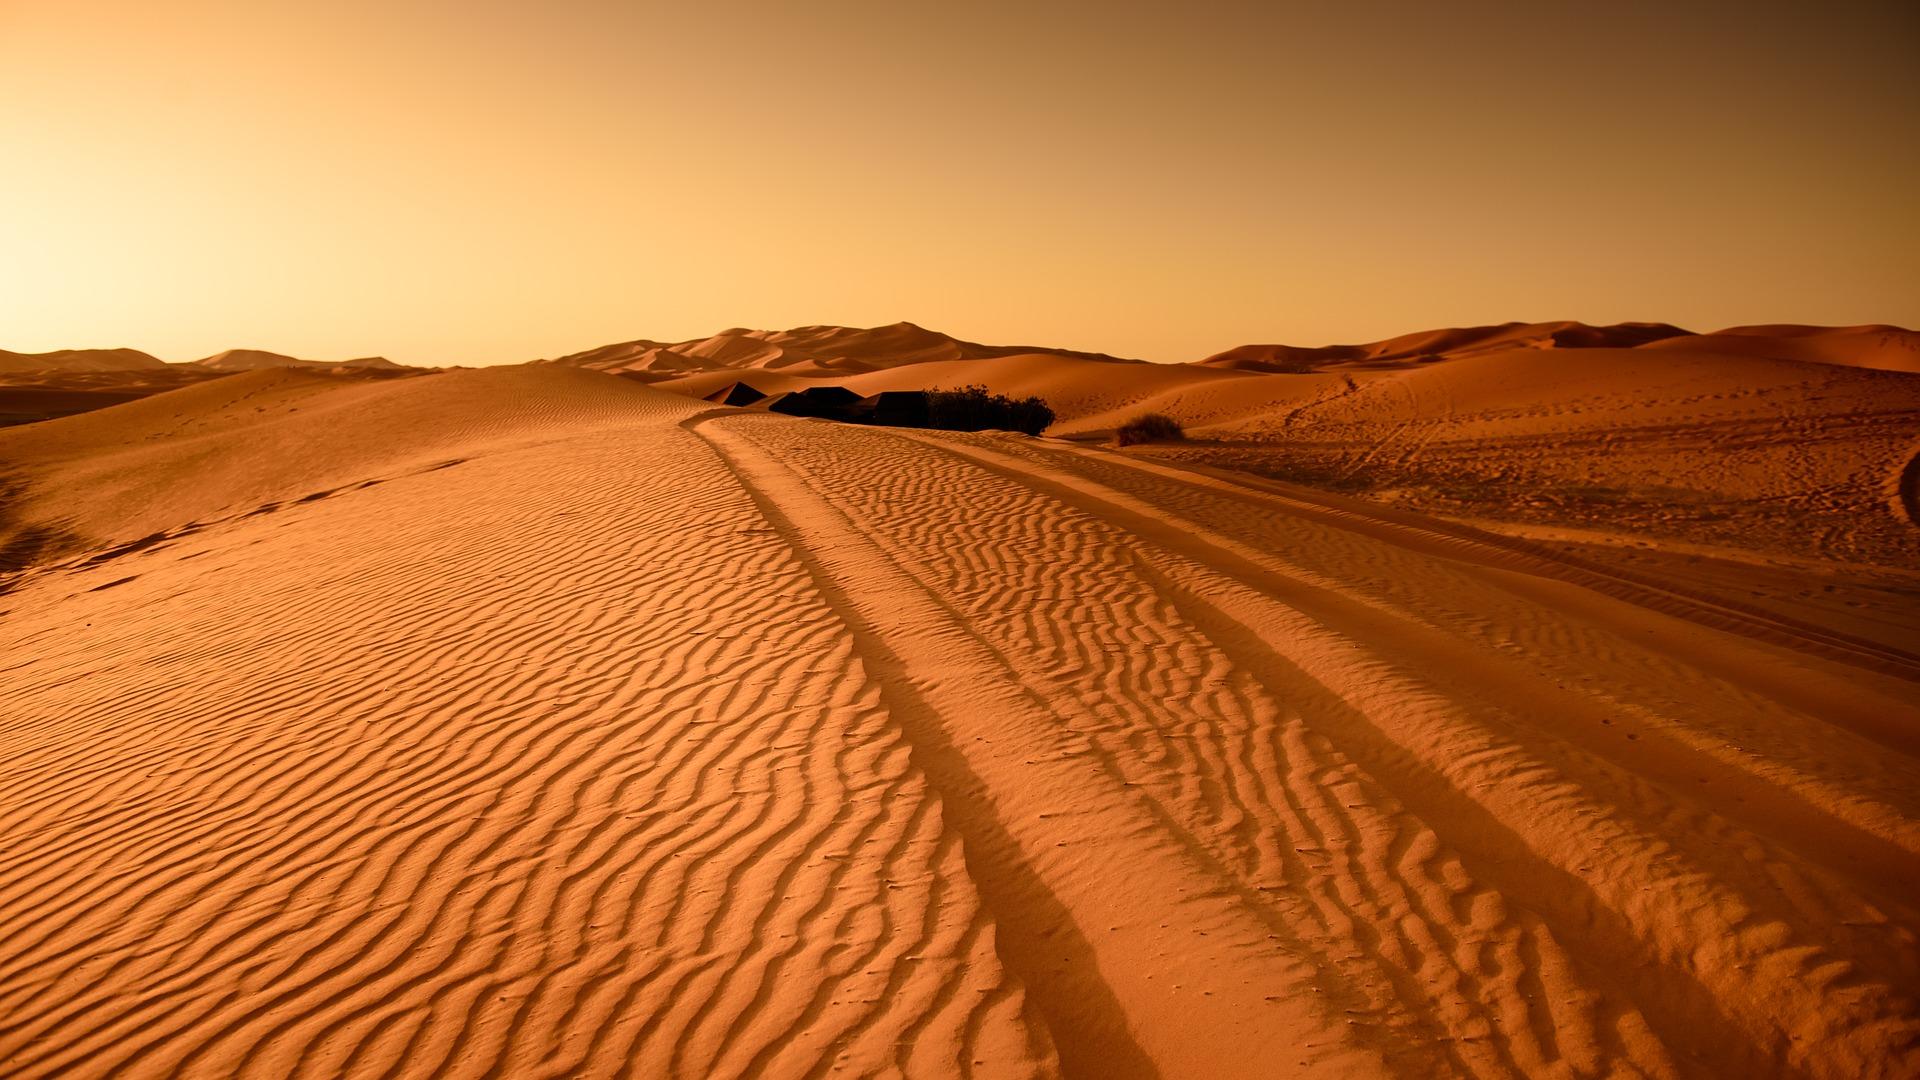 Le Maroc est une destination d'exception pour tous ceux qui rêvent d'un dépaysement total, d'envoûtement et d'un voyage en plein milieu de l'exotisme. Ce beau pays du Maghreb regorge de plusieurs sites culturels et naturels qui suscitent un véritable enchantement auprès des locaux et des touristes. Mais ici, nous allons faire la rencontre de merveilles naturelles du Maroc. De Merzouga aux dunes du Sahara Le Sahara ne peut pas passer inaperçu quand on voyage au Maroc. Merzouga est une porte d'entrée de prédilection pour partir à l'aventure dans les dunes marocaines. Ce village saharien au sud-est du pays, appelé aussi Erg Chebbi est une destination de rêve caractérisé par son paysage naturel et son originalité sans pareil. Là-bas, vous disposez de plusieurs activités que vous pourrez faire en famille comme les balades à dos de dromadaire, les balades sportives à pieds ou encore une nuit à la belle étoile avec les nomades sahraouis. L'Oasis de Fint Après le désert du Sahara, place à l'Oasis de Fint. C'est un véritable paradis au milieu du désert. Cette enclave en plein sud de Ouarzazate est une figure naturelle des contrastes que peut offrir le Maroc. D'un côté, vous avez la nature luxuriante de la palmeraie, et de l'autre les falaises rougissantes du désert. L'oasis de Fint témoigne également l'ingéniosité des Marocains concernant le système d'irrigation qui va assurer l'épanouissement de cette végétation exceptionnelle. Les gorges de Toudgha Le massif montagneux du sud de l'Atlas attend tous les visiteurs curieux qui ont envie de découvrir les merveilles du Maroc. Les gorges de Toudgha sont une destination à ne pas manquer une fois au Maroc, surtout si vous adorez les explorations pédestres. Entre les falaises de calcaire, du haut de ses trois cent mètres, et le chemin en fente pour parvenir à l'eau de l'oued Toudgha, c'est une véritable aventure à ne pas rater.